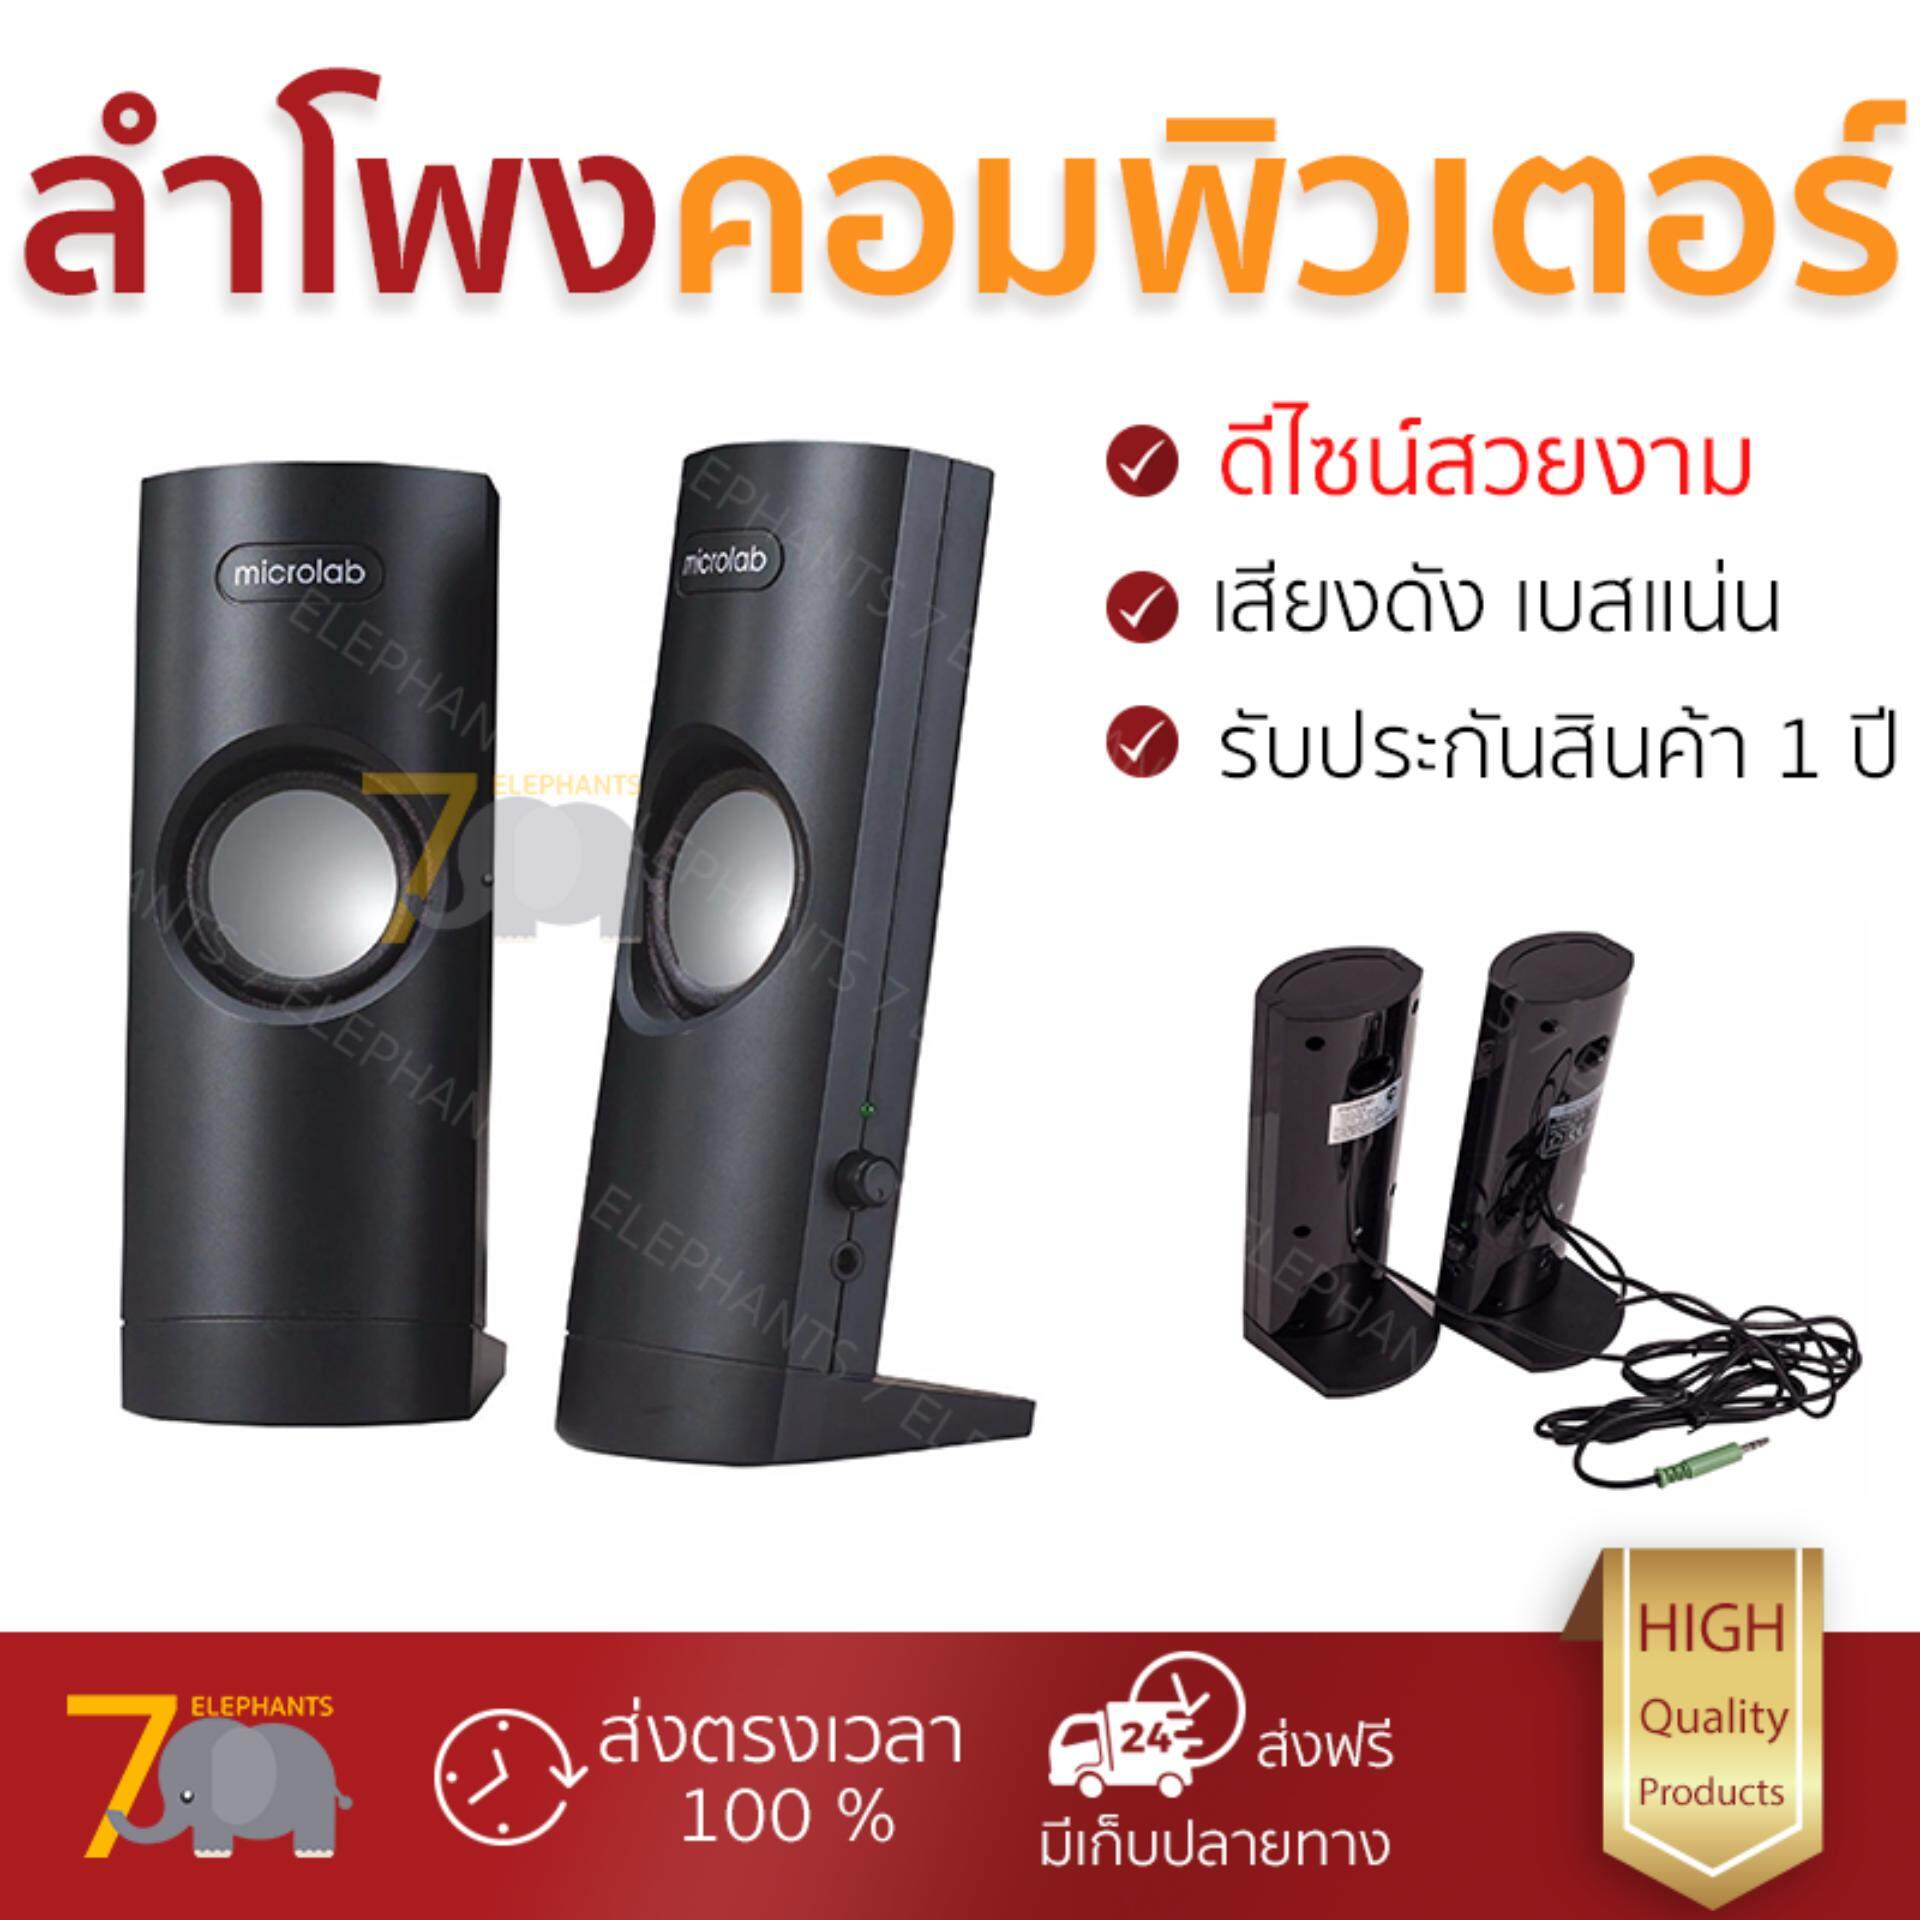 เสียงดี คุ้มราคา Microlab Speaker 2.0 B18 คุณภาพเสียงดี เล่นเกมส์ ดูหนัง ฟังเพลง Speaker จัดส่งฟรี Kerry ทั่วประเทศ